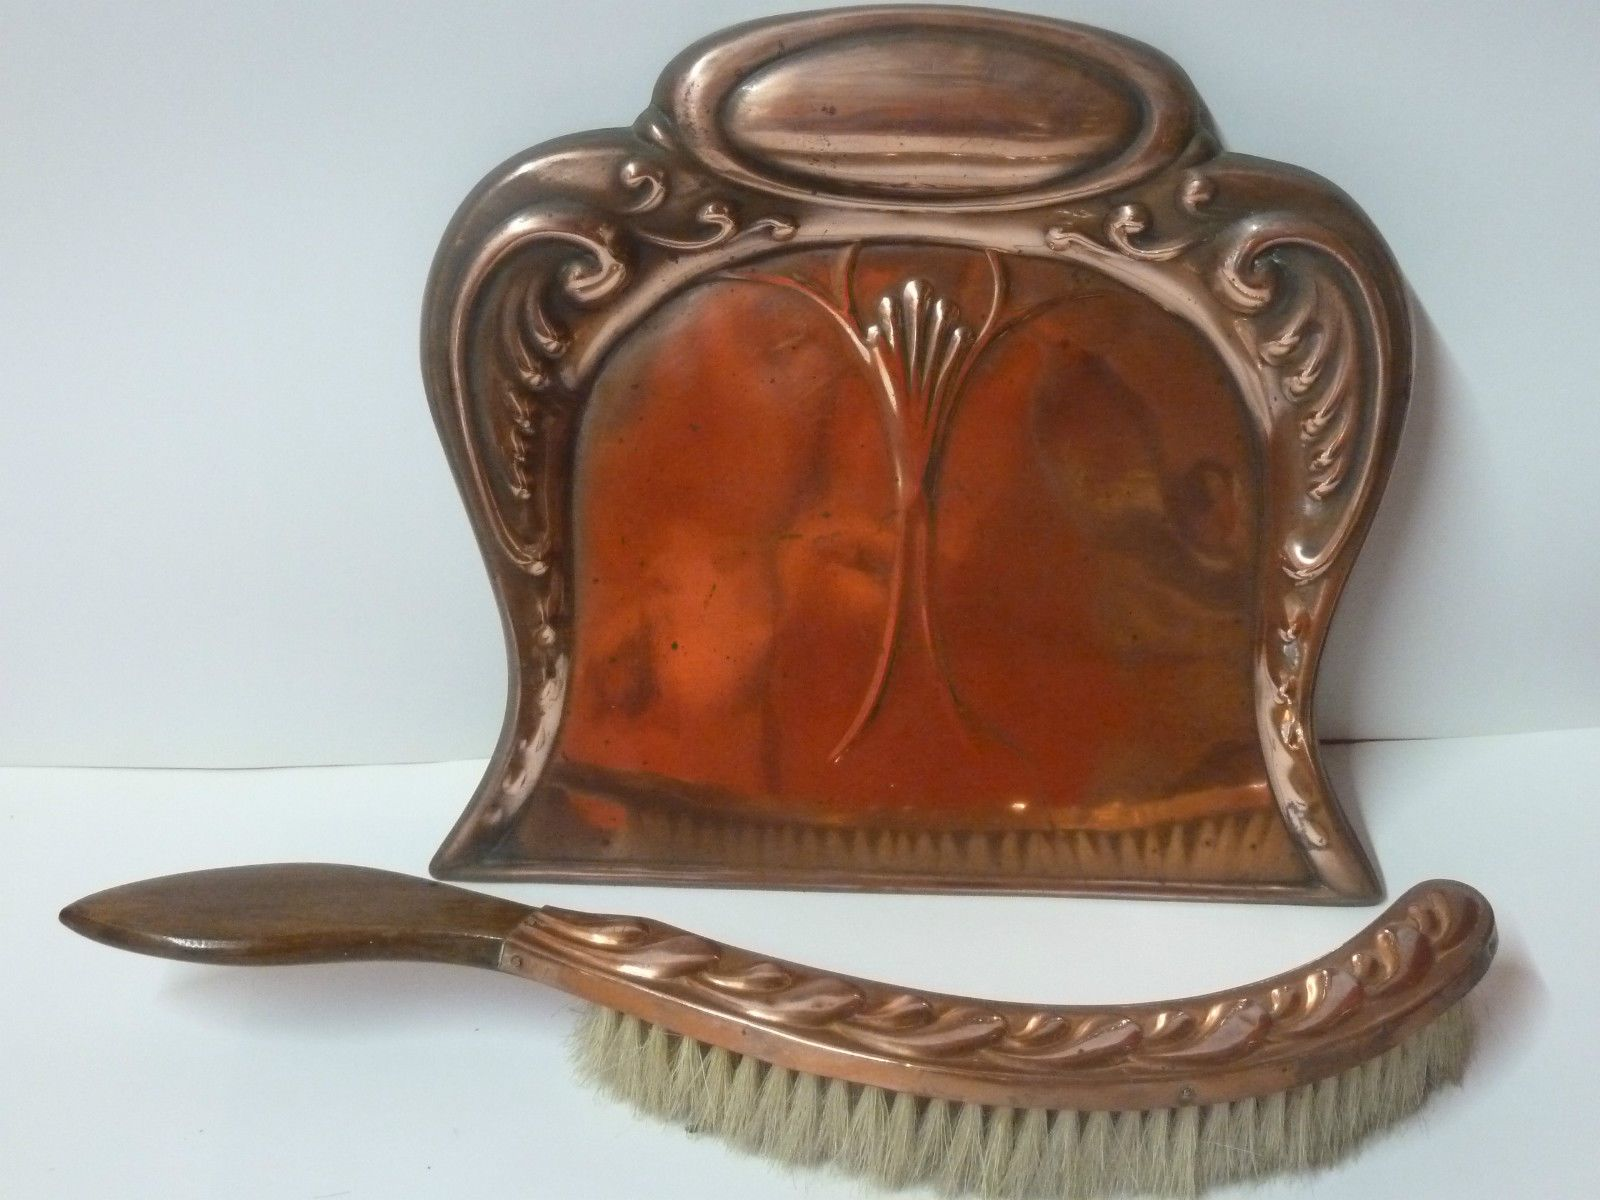 Antique Art Nouveau Copper Crumb Butler Table Brush Dustpan Brush Set Tray  R88 In Antiques,